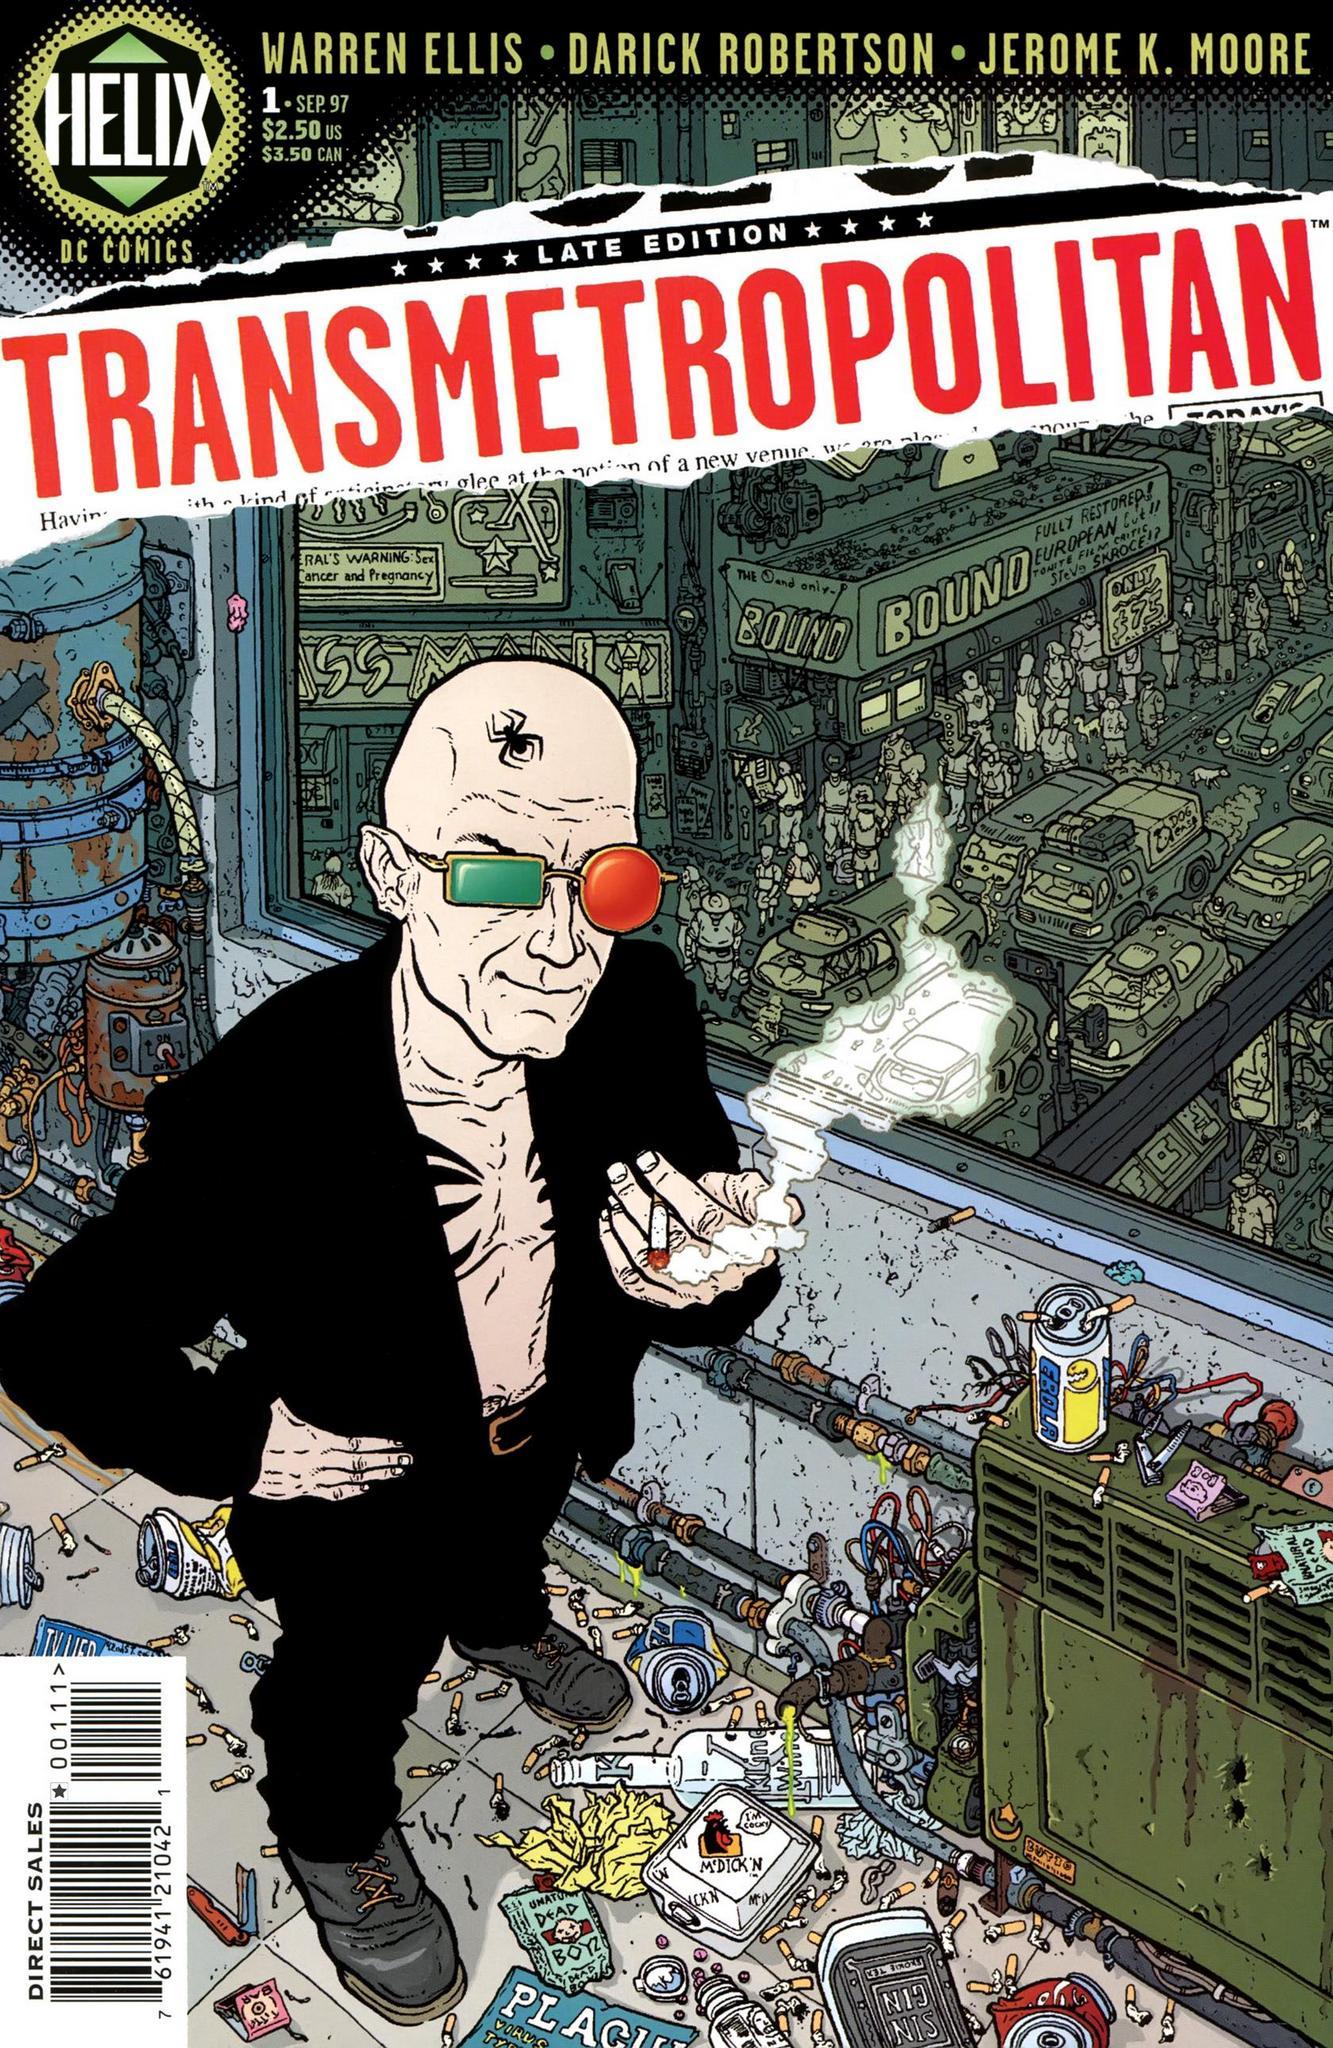 Transmetropolitan (1997)